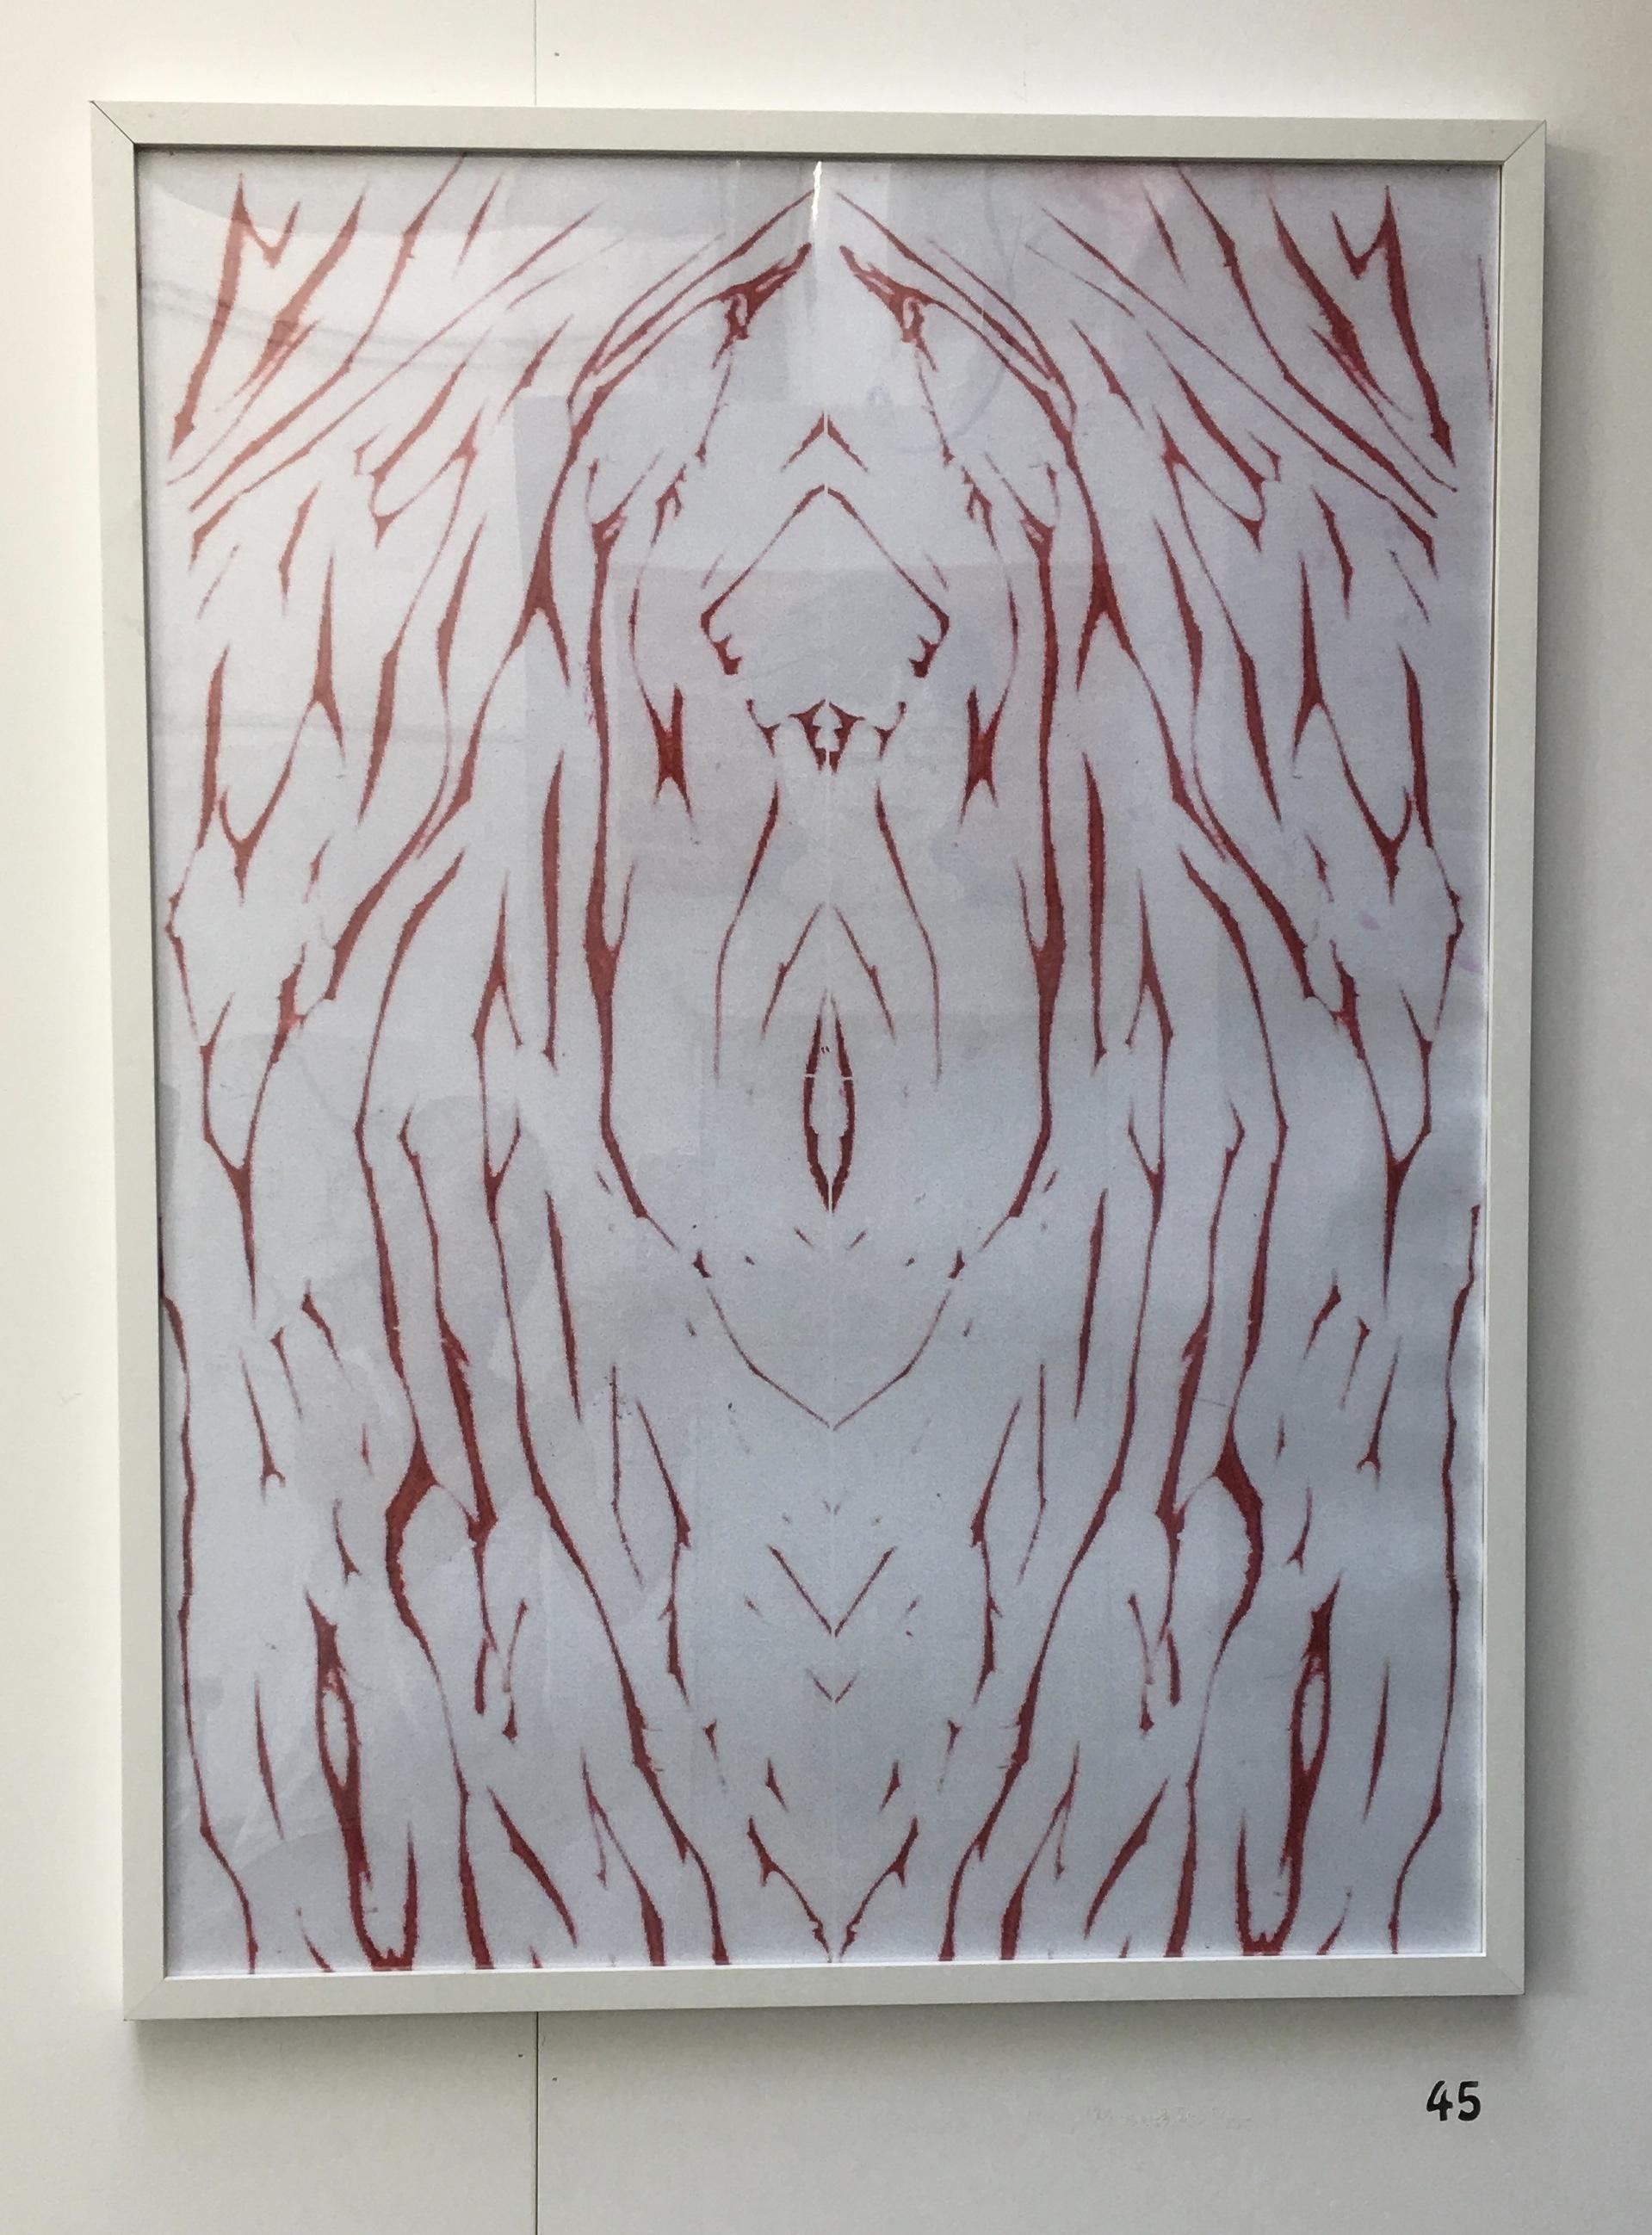 45. Untitled, Elizabeth Pearson, 63 x 82 x 2.5, £60